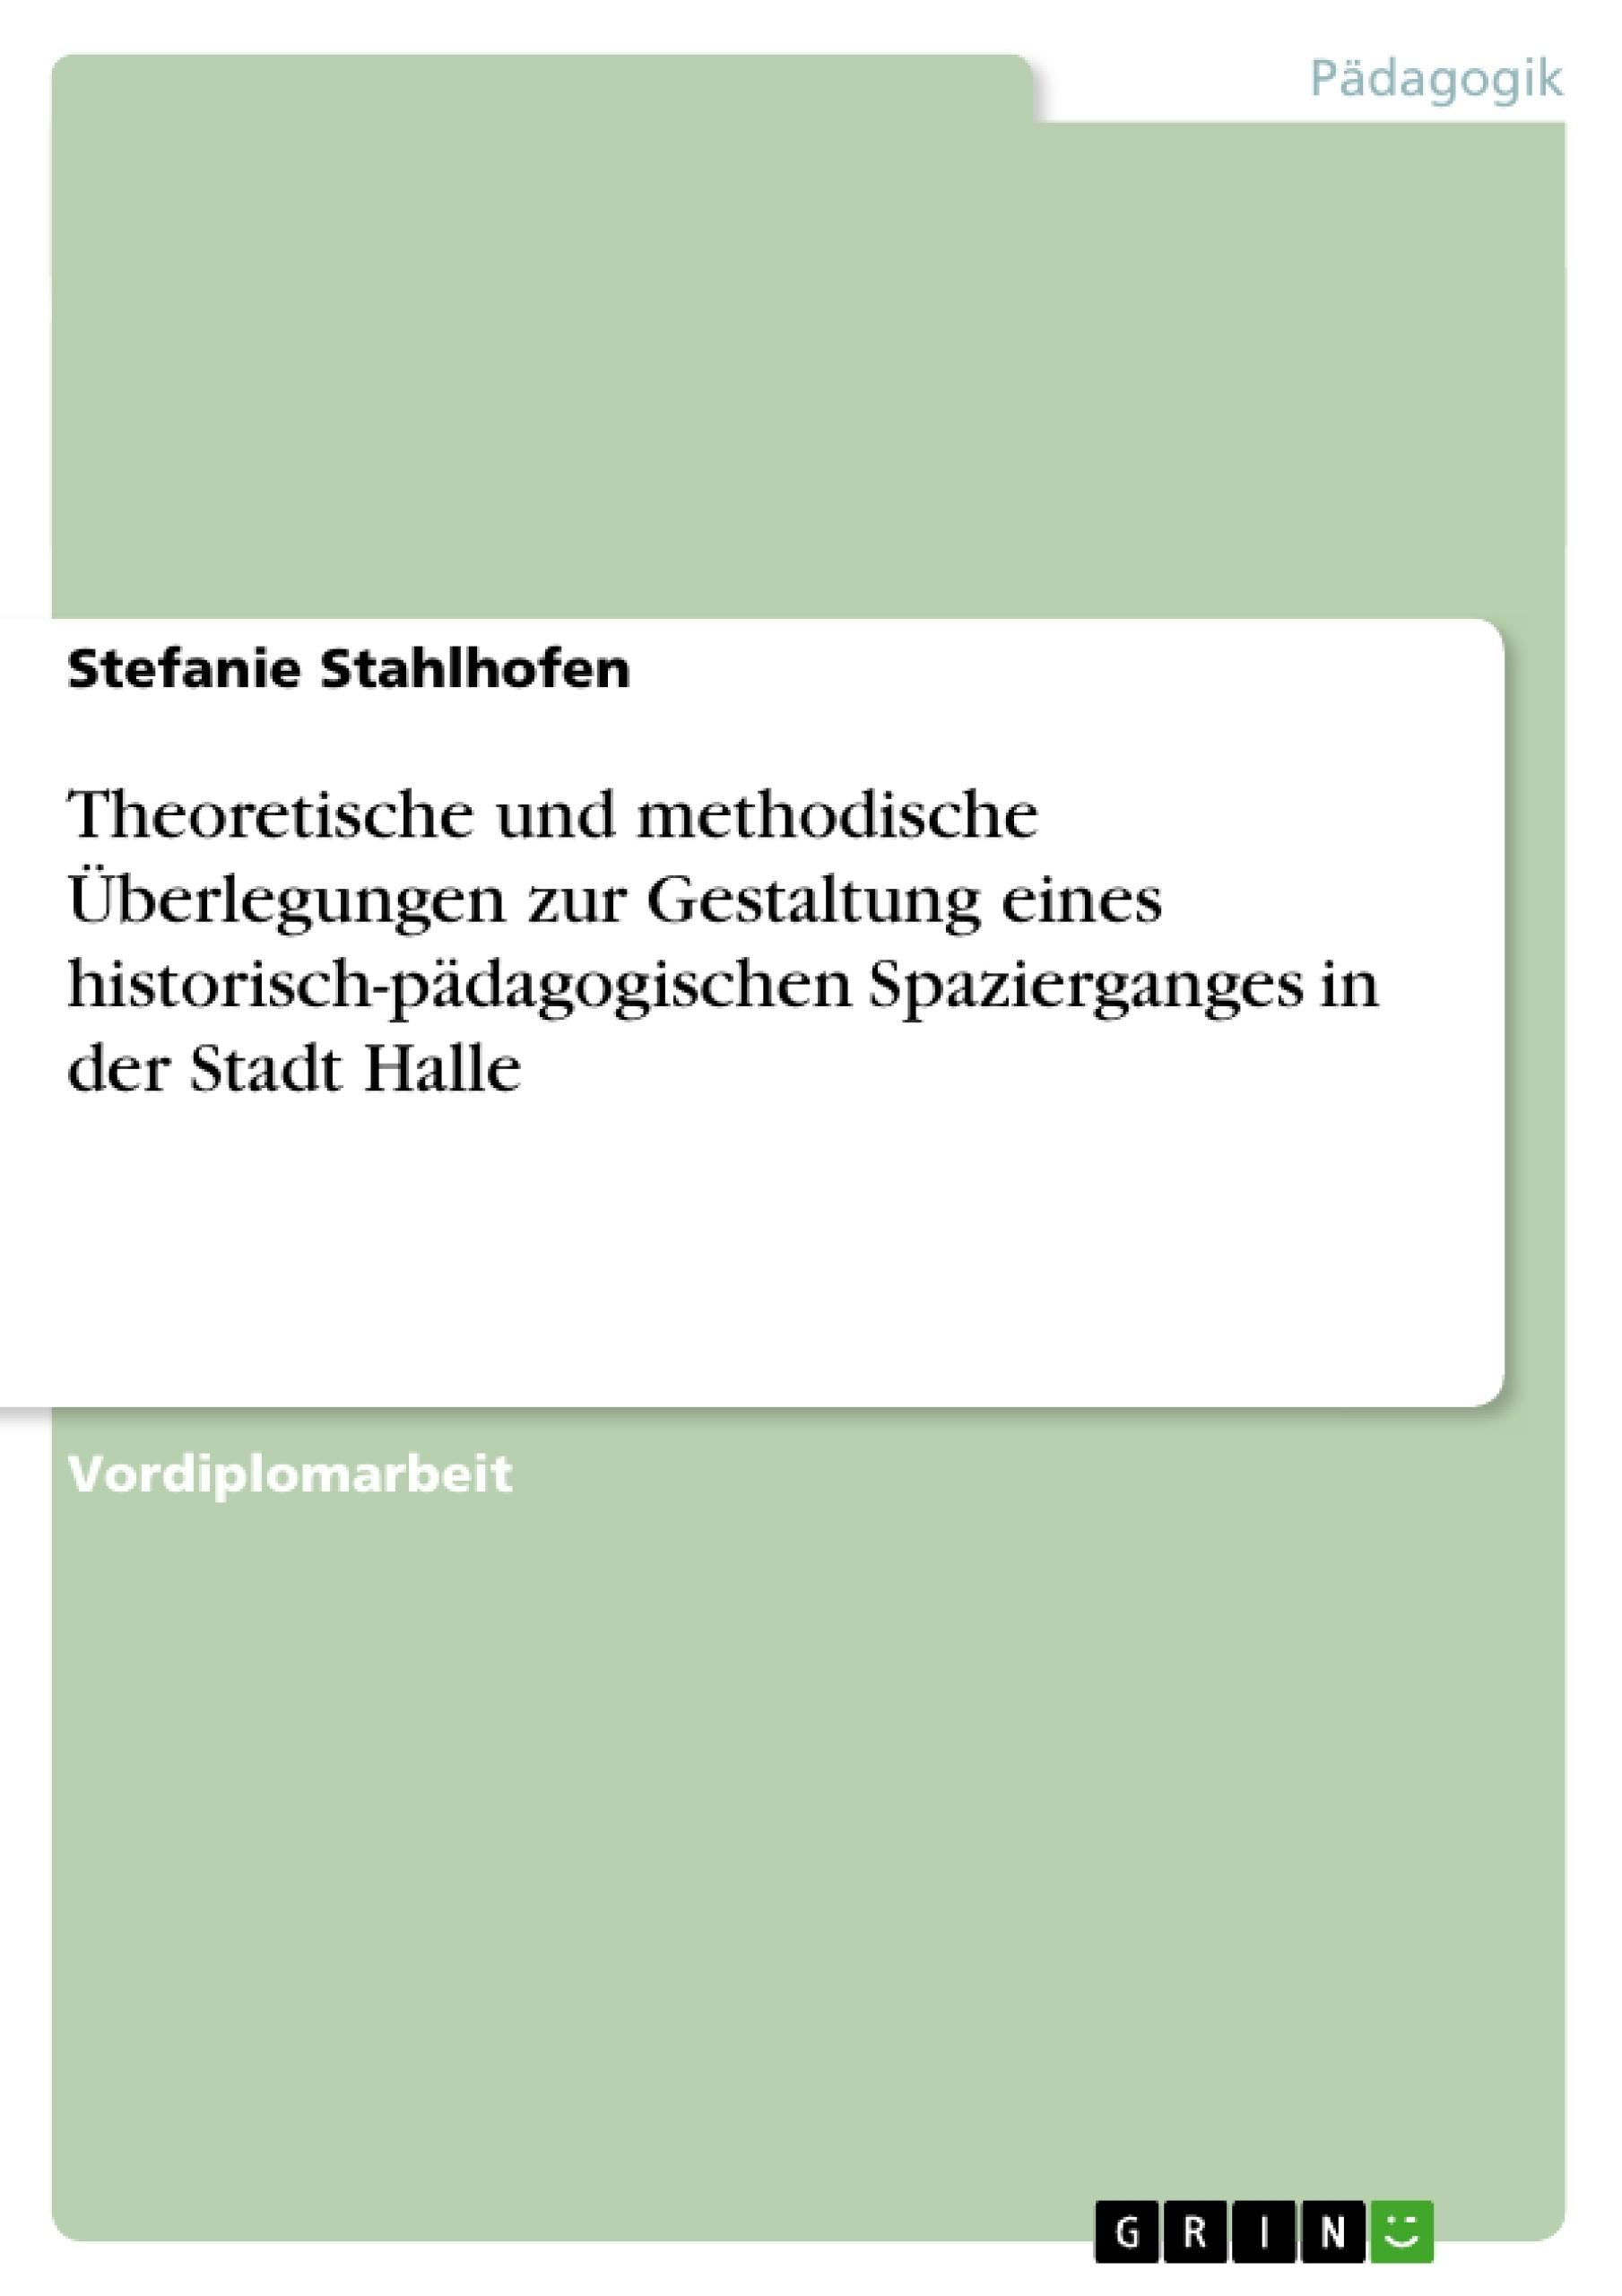 Titel: Theoretische und methodische Überlegungen zur Gestaltung eines historisch-pädagogischen Spazierganges in der Stadt Halle